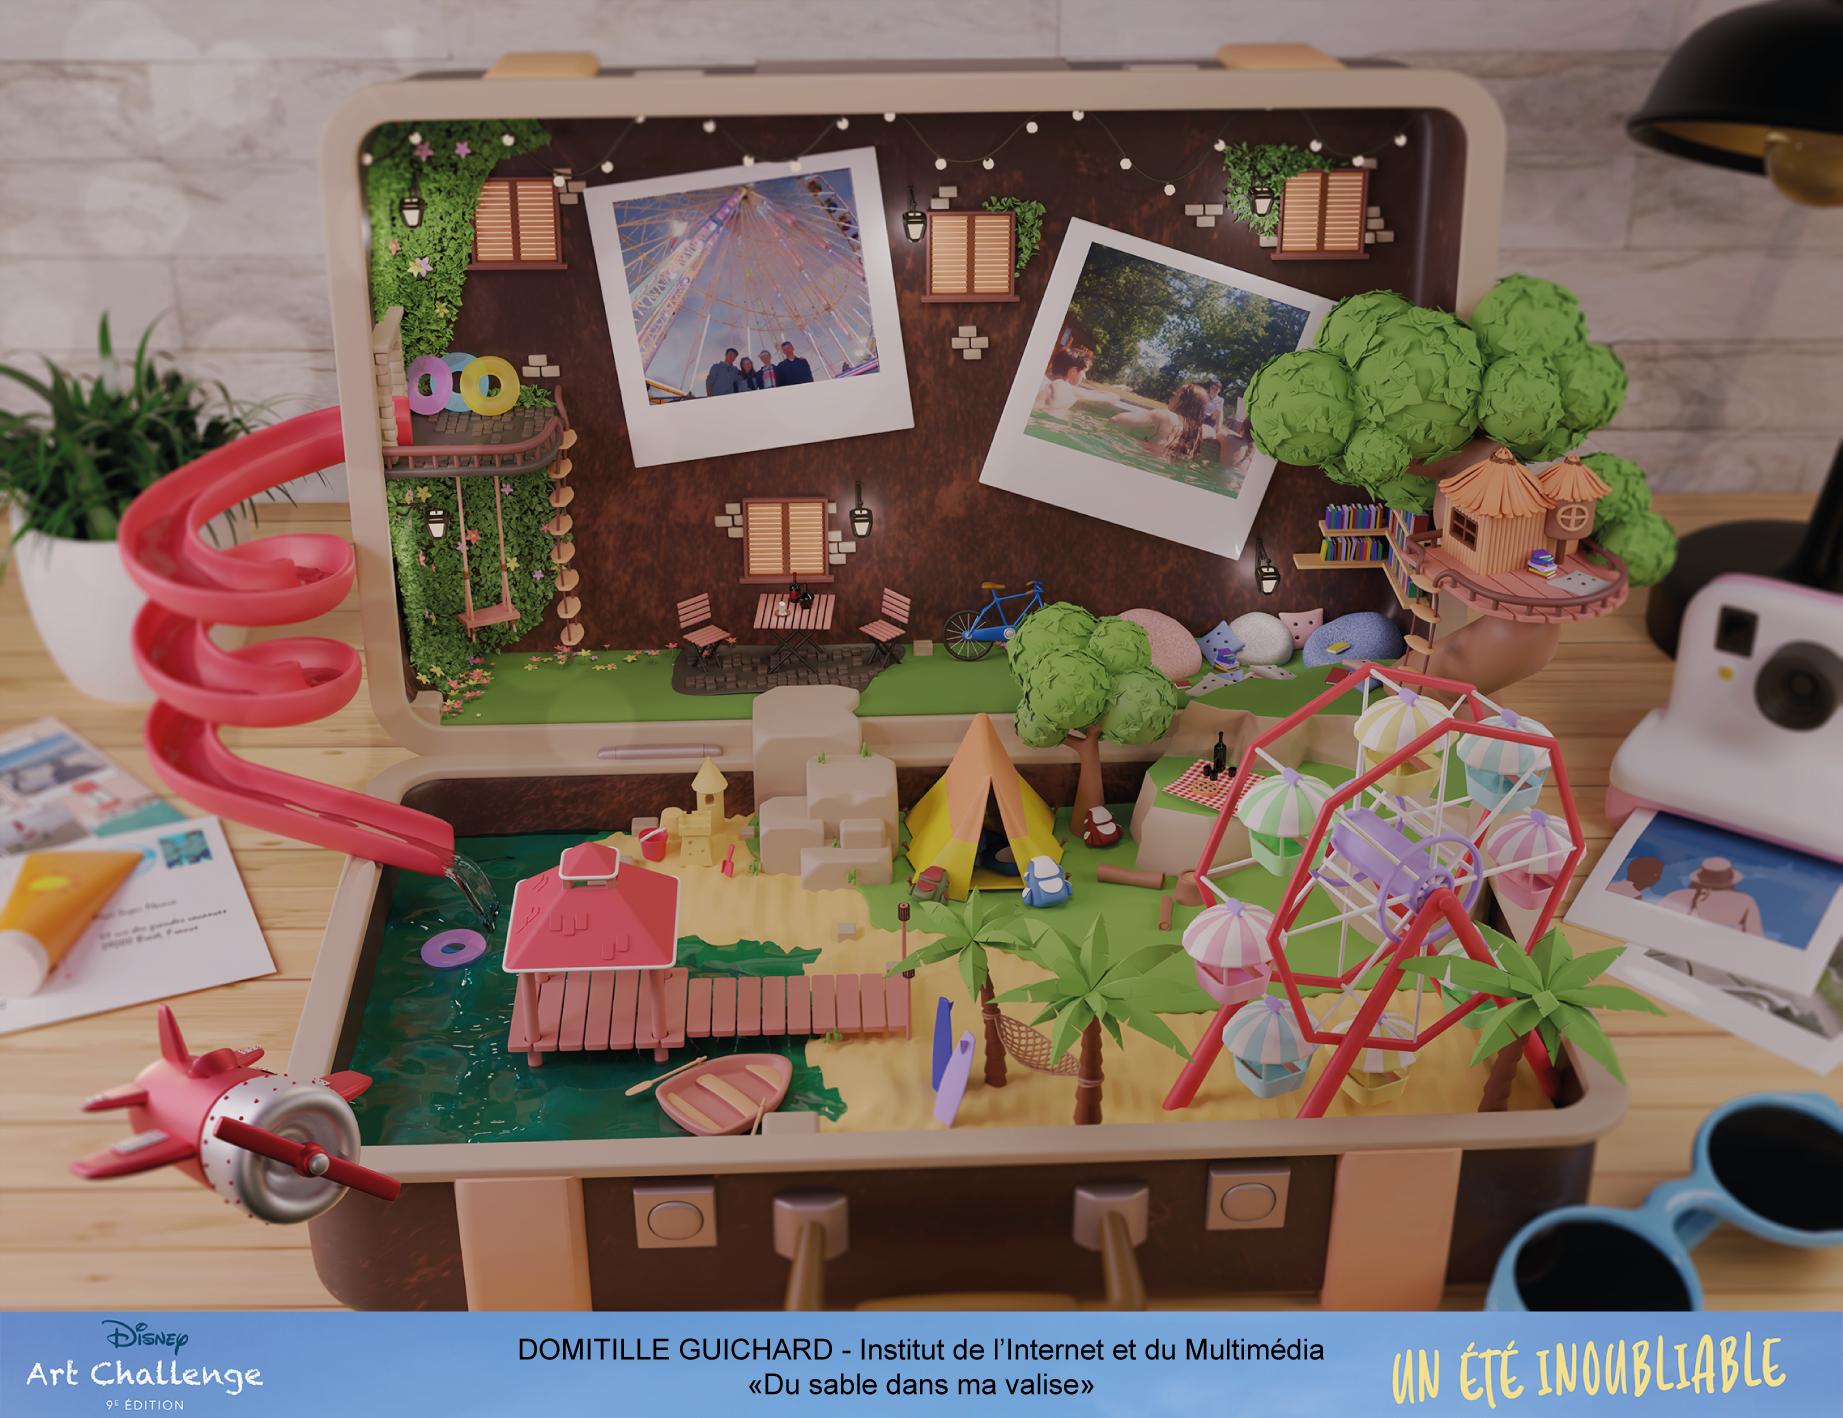 """disney art challenge domitille - Disney Art Challenge Saison 9 : Domitille, promo 2023, finaliste avec son projet """"Du sable dans ma valise"""""""